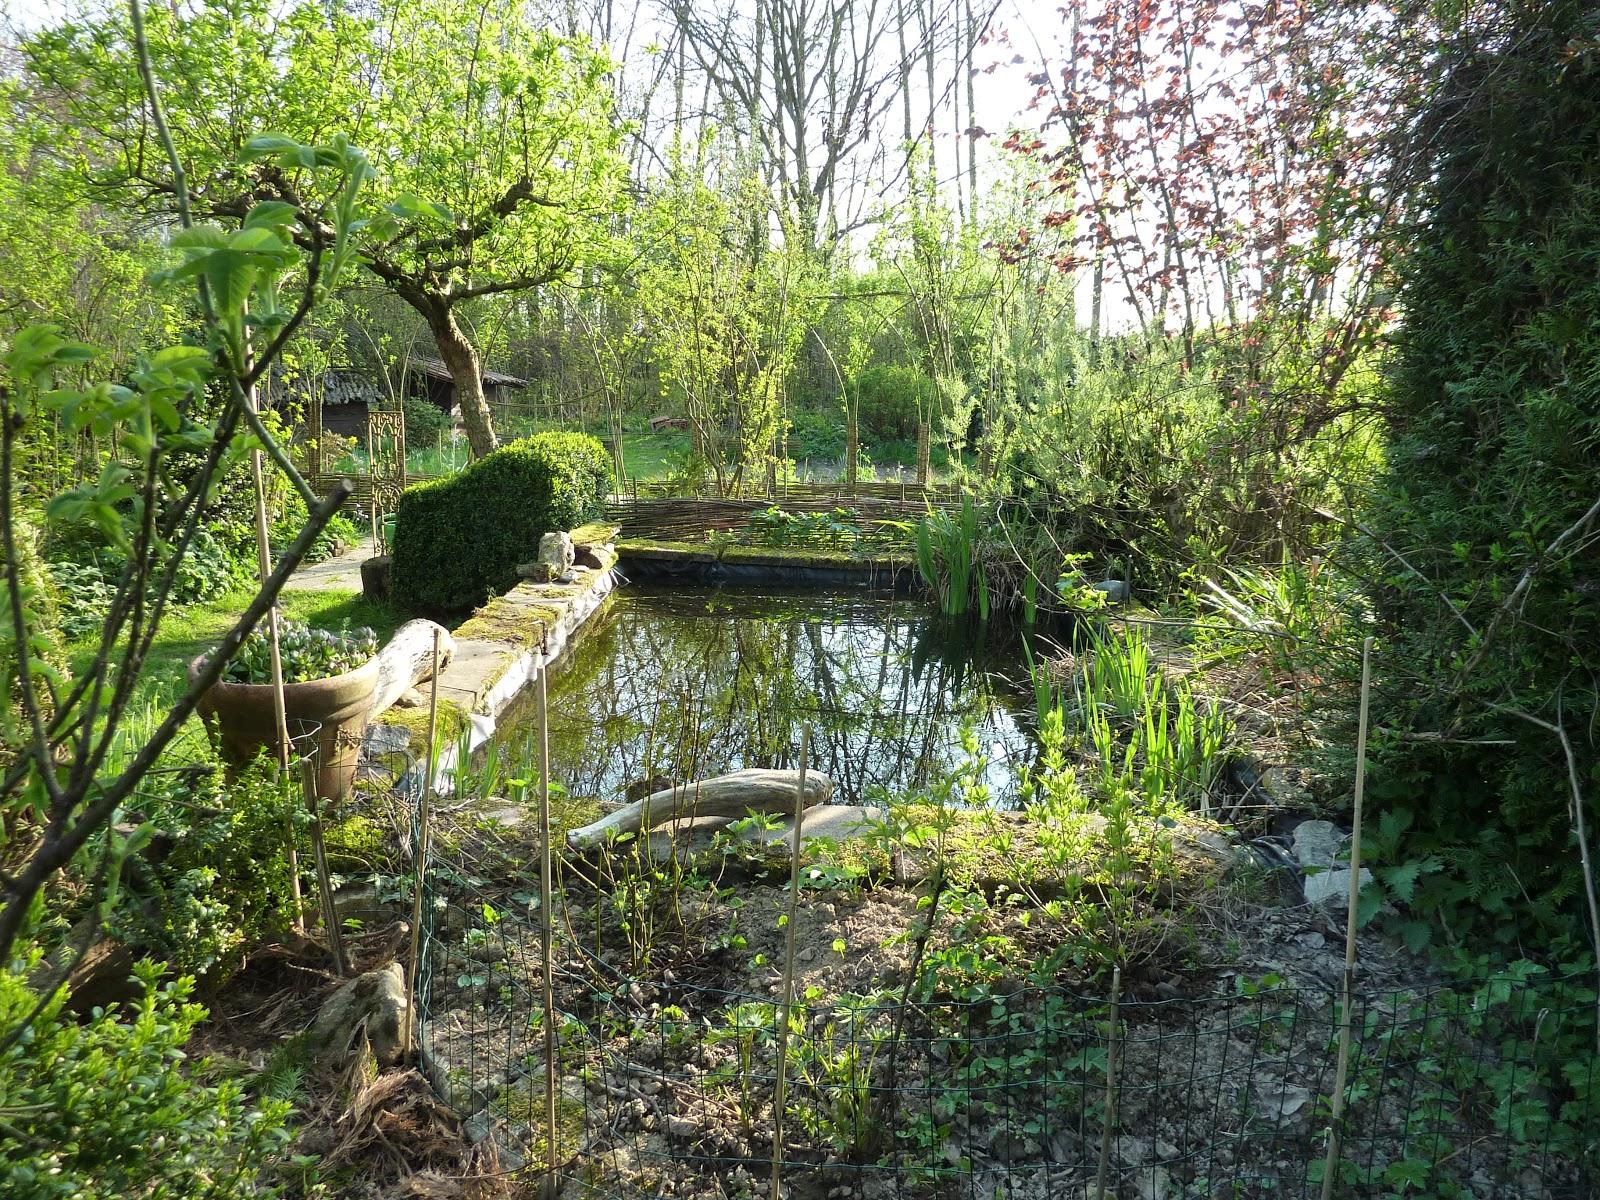 Le jardin de brigitte alsace ambiance d 39 avril - Les jardins d alsace ...